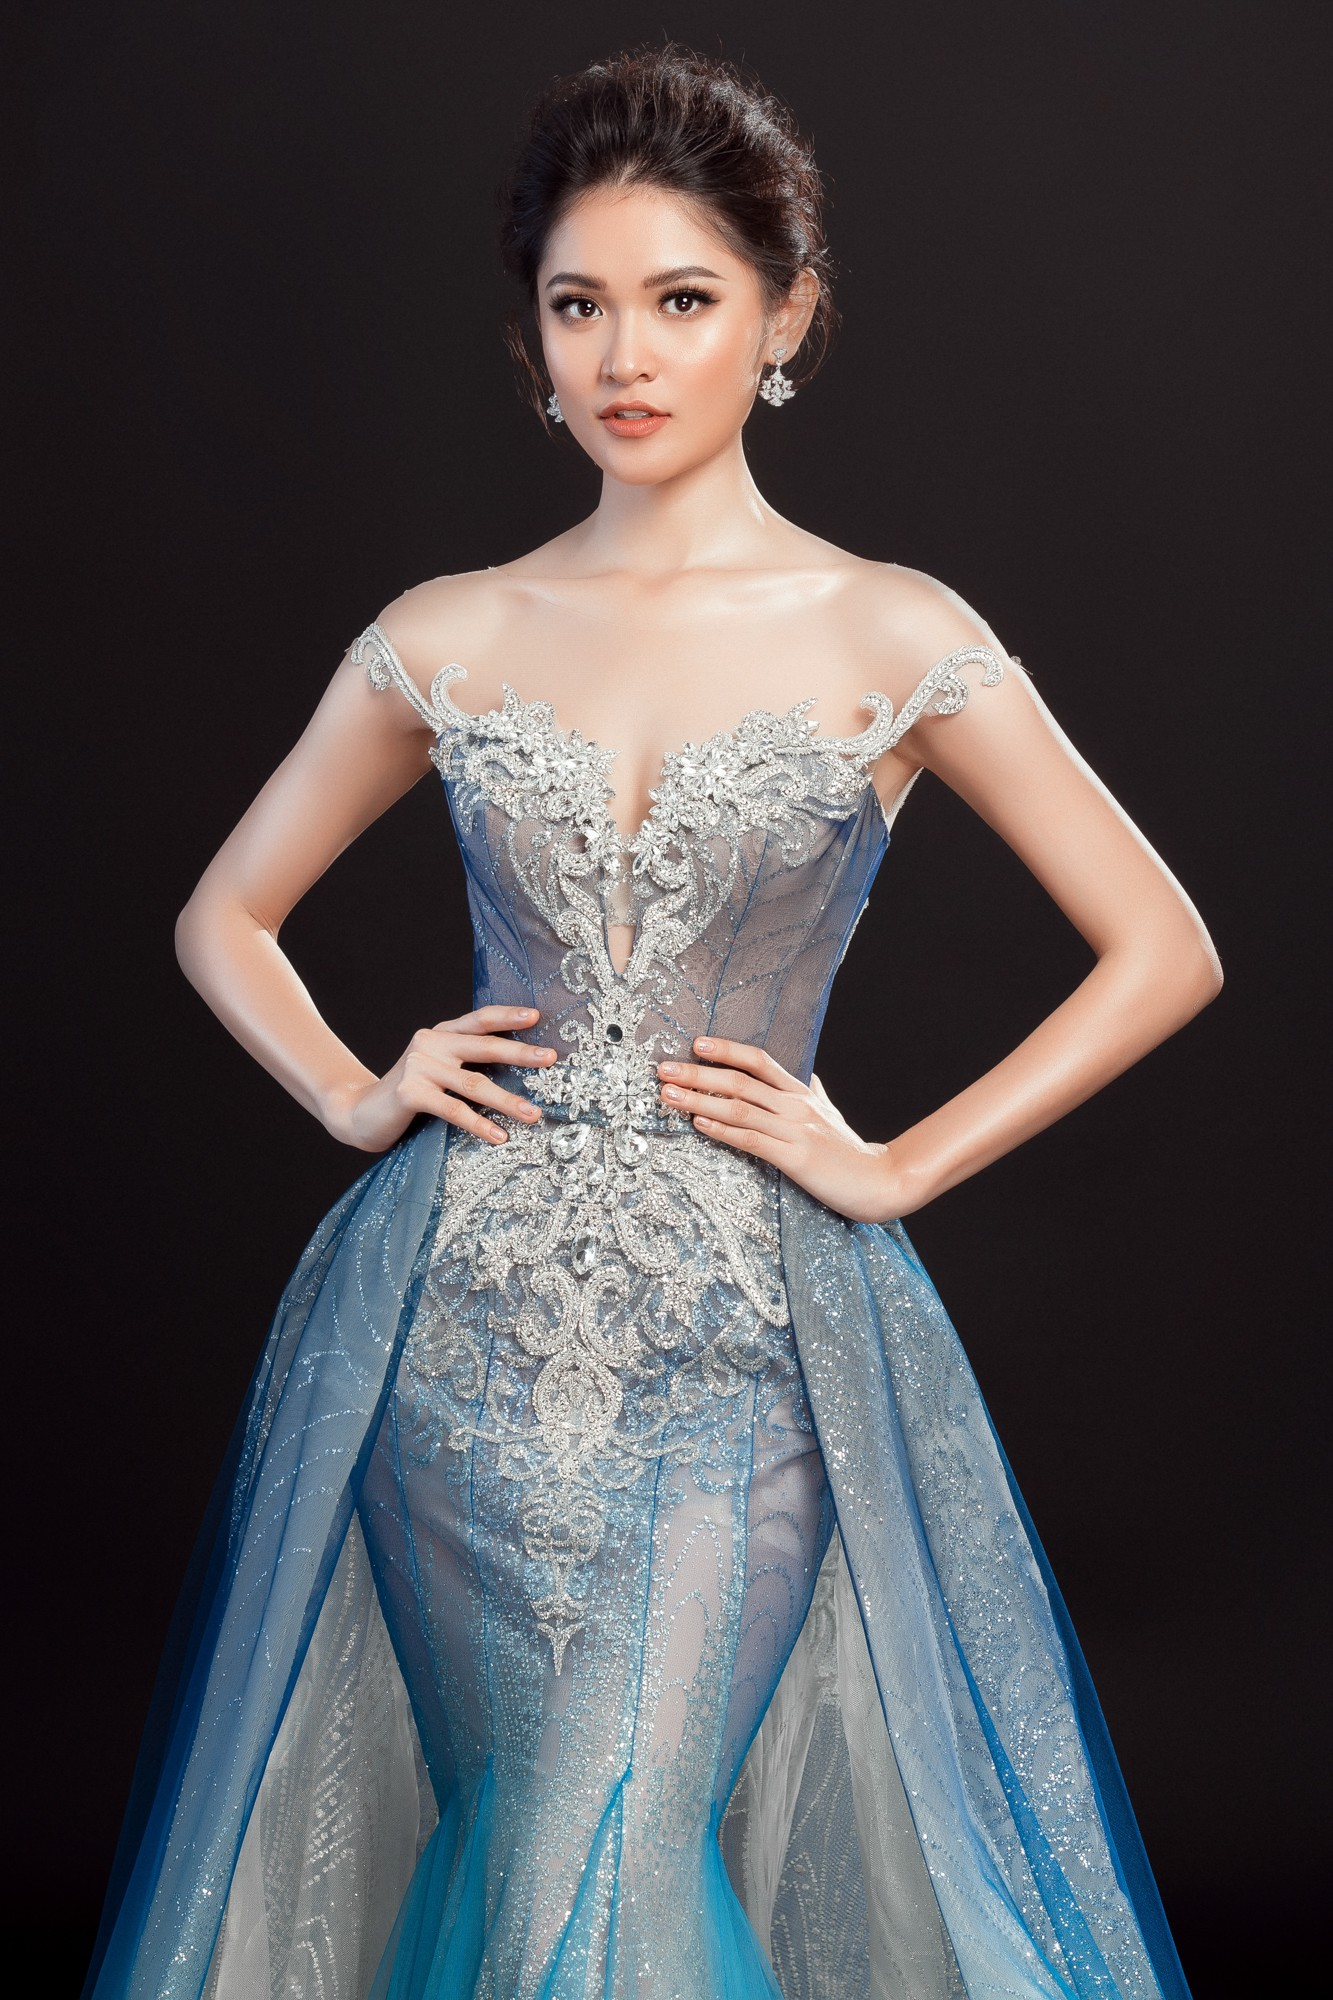 Á hậu Thùy Dung lộng lẫy như công chúa trong đầm dạ hội chính thức tại chung kết Miss International 2017 - Ảnh 3.